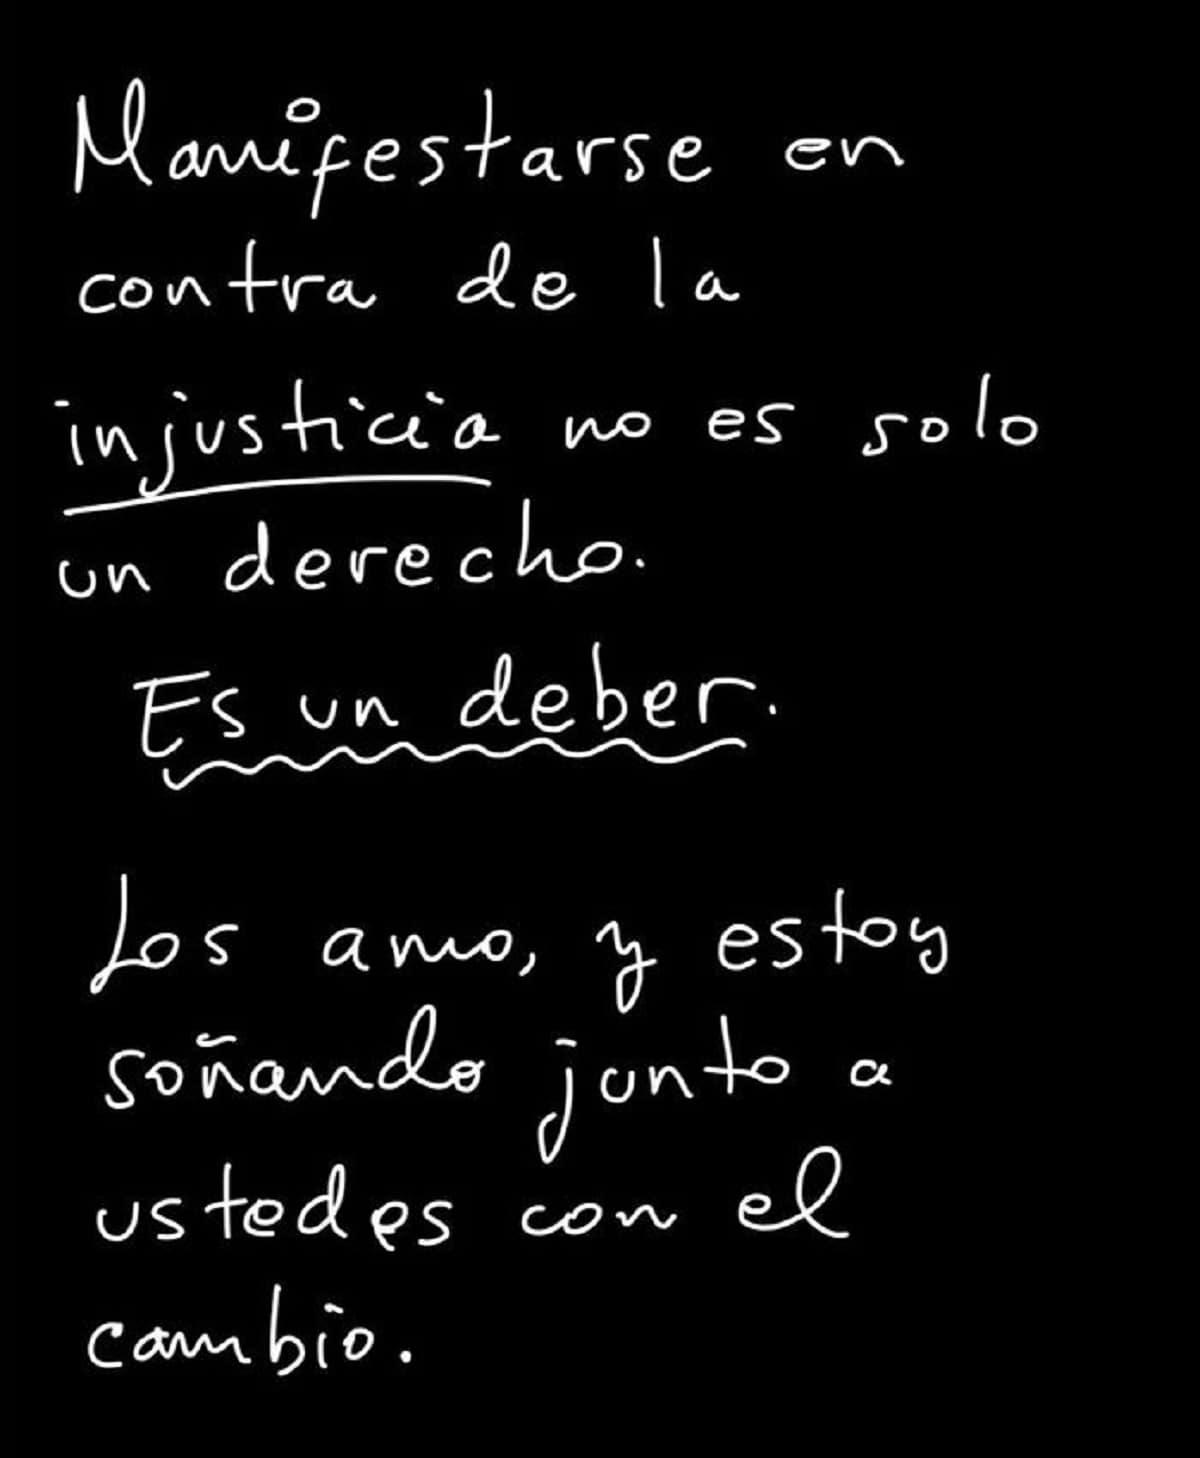 Mensaje publicado por Camilo desde Twitter